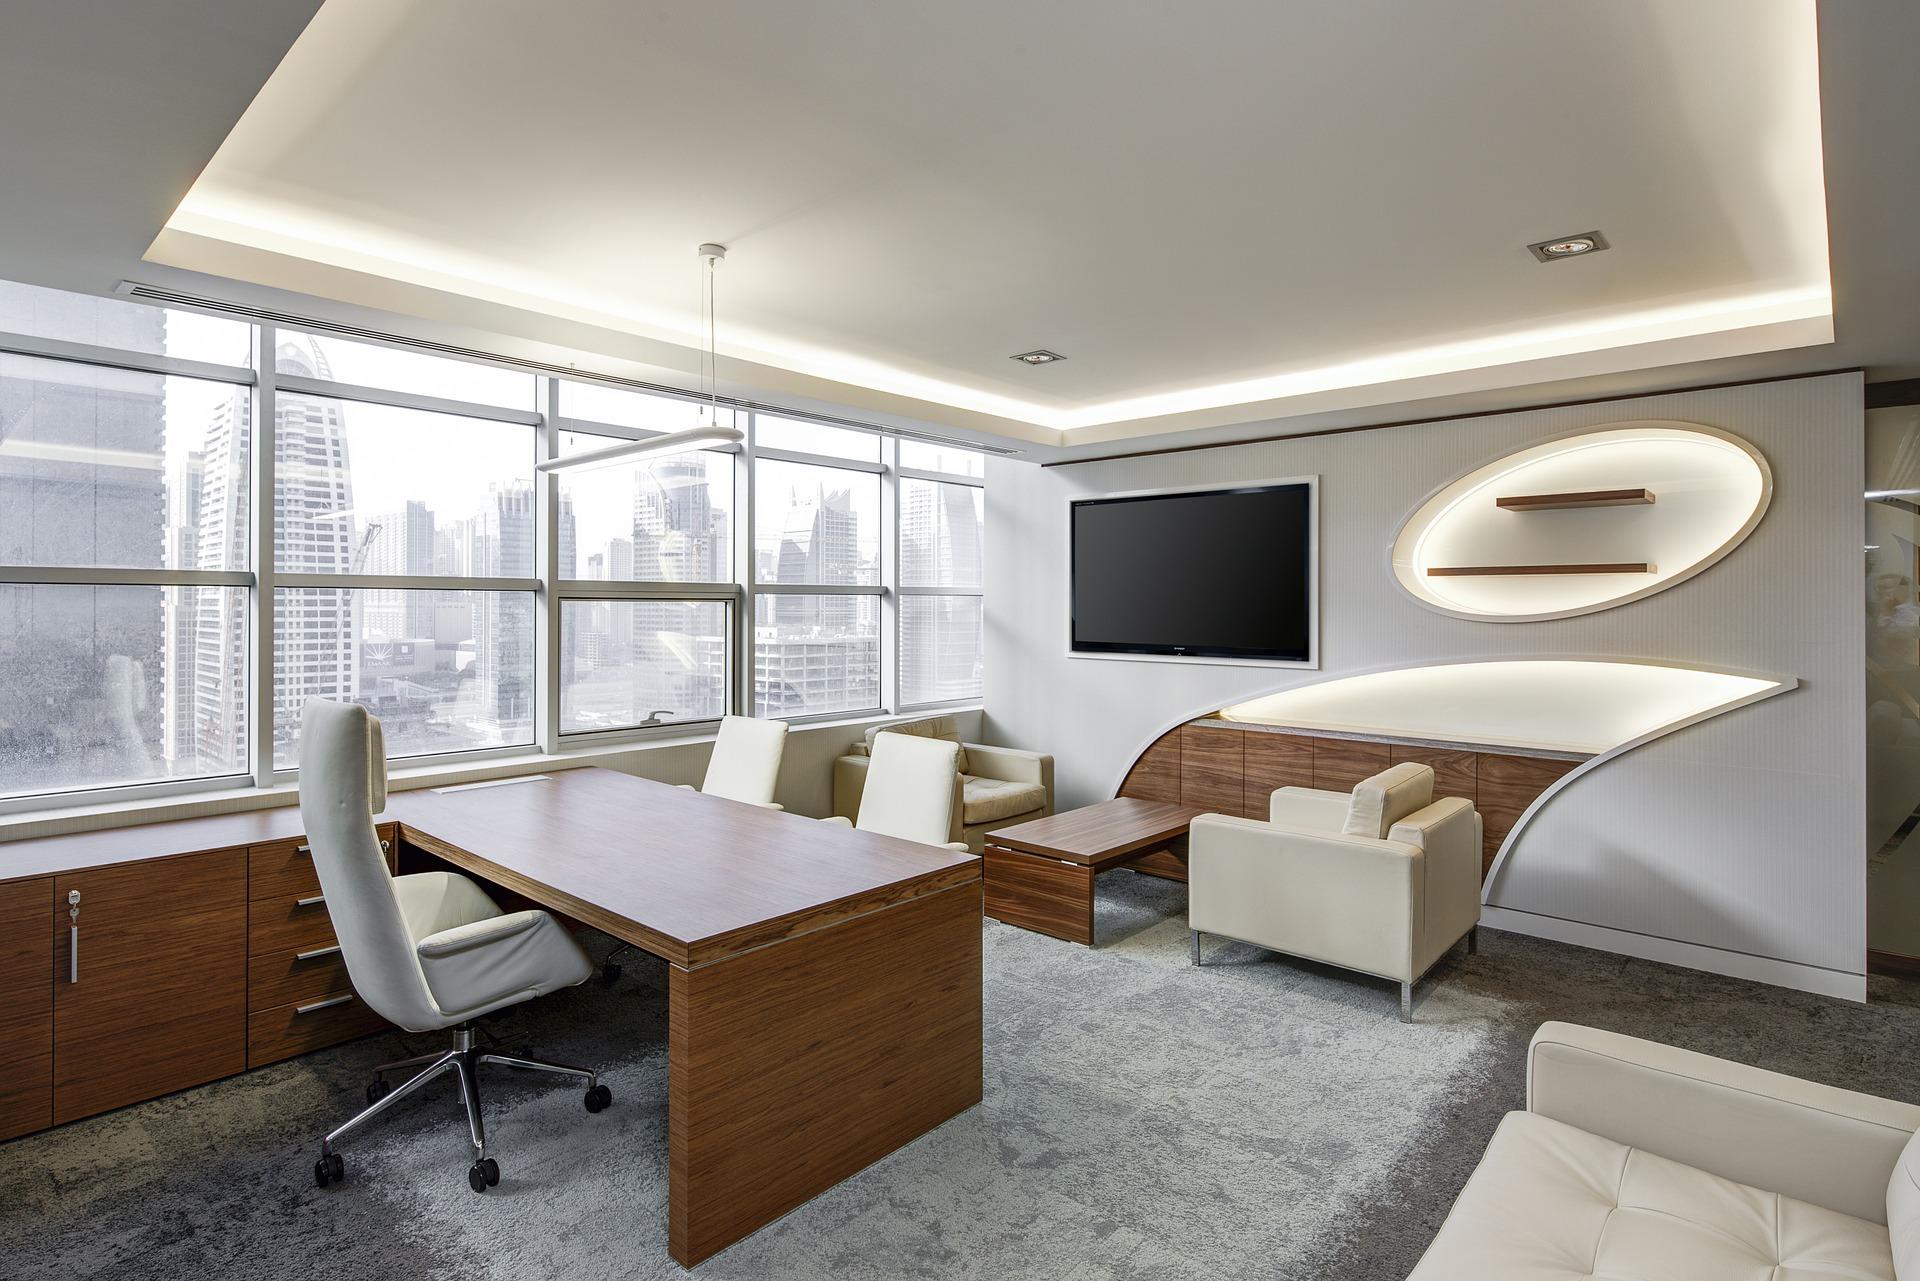 Klein Wonen Kantoor : Avenue interieur u interieur inrichting wonen design